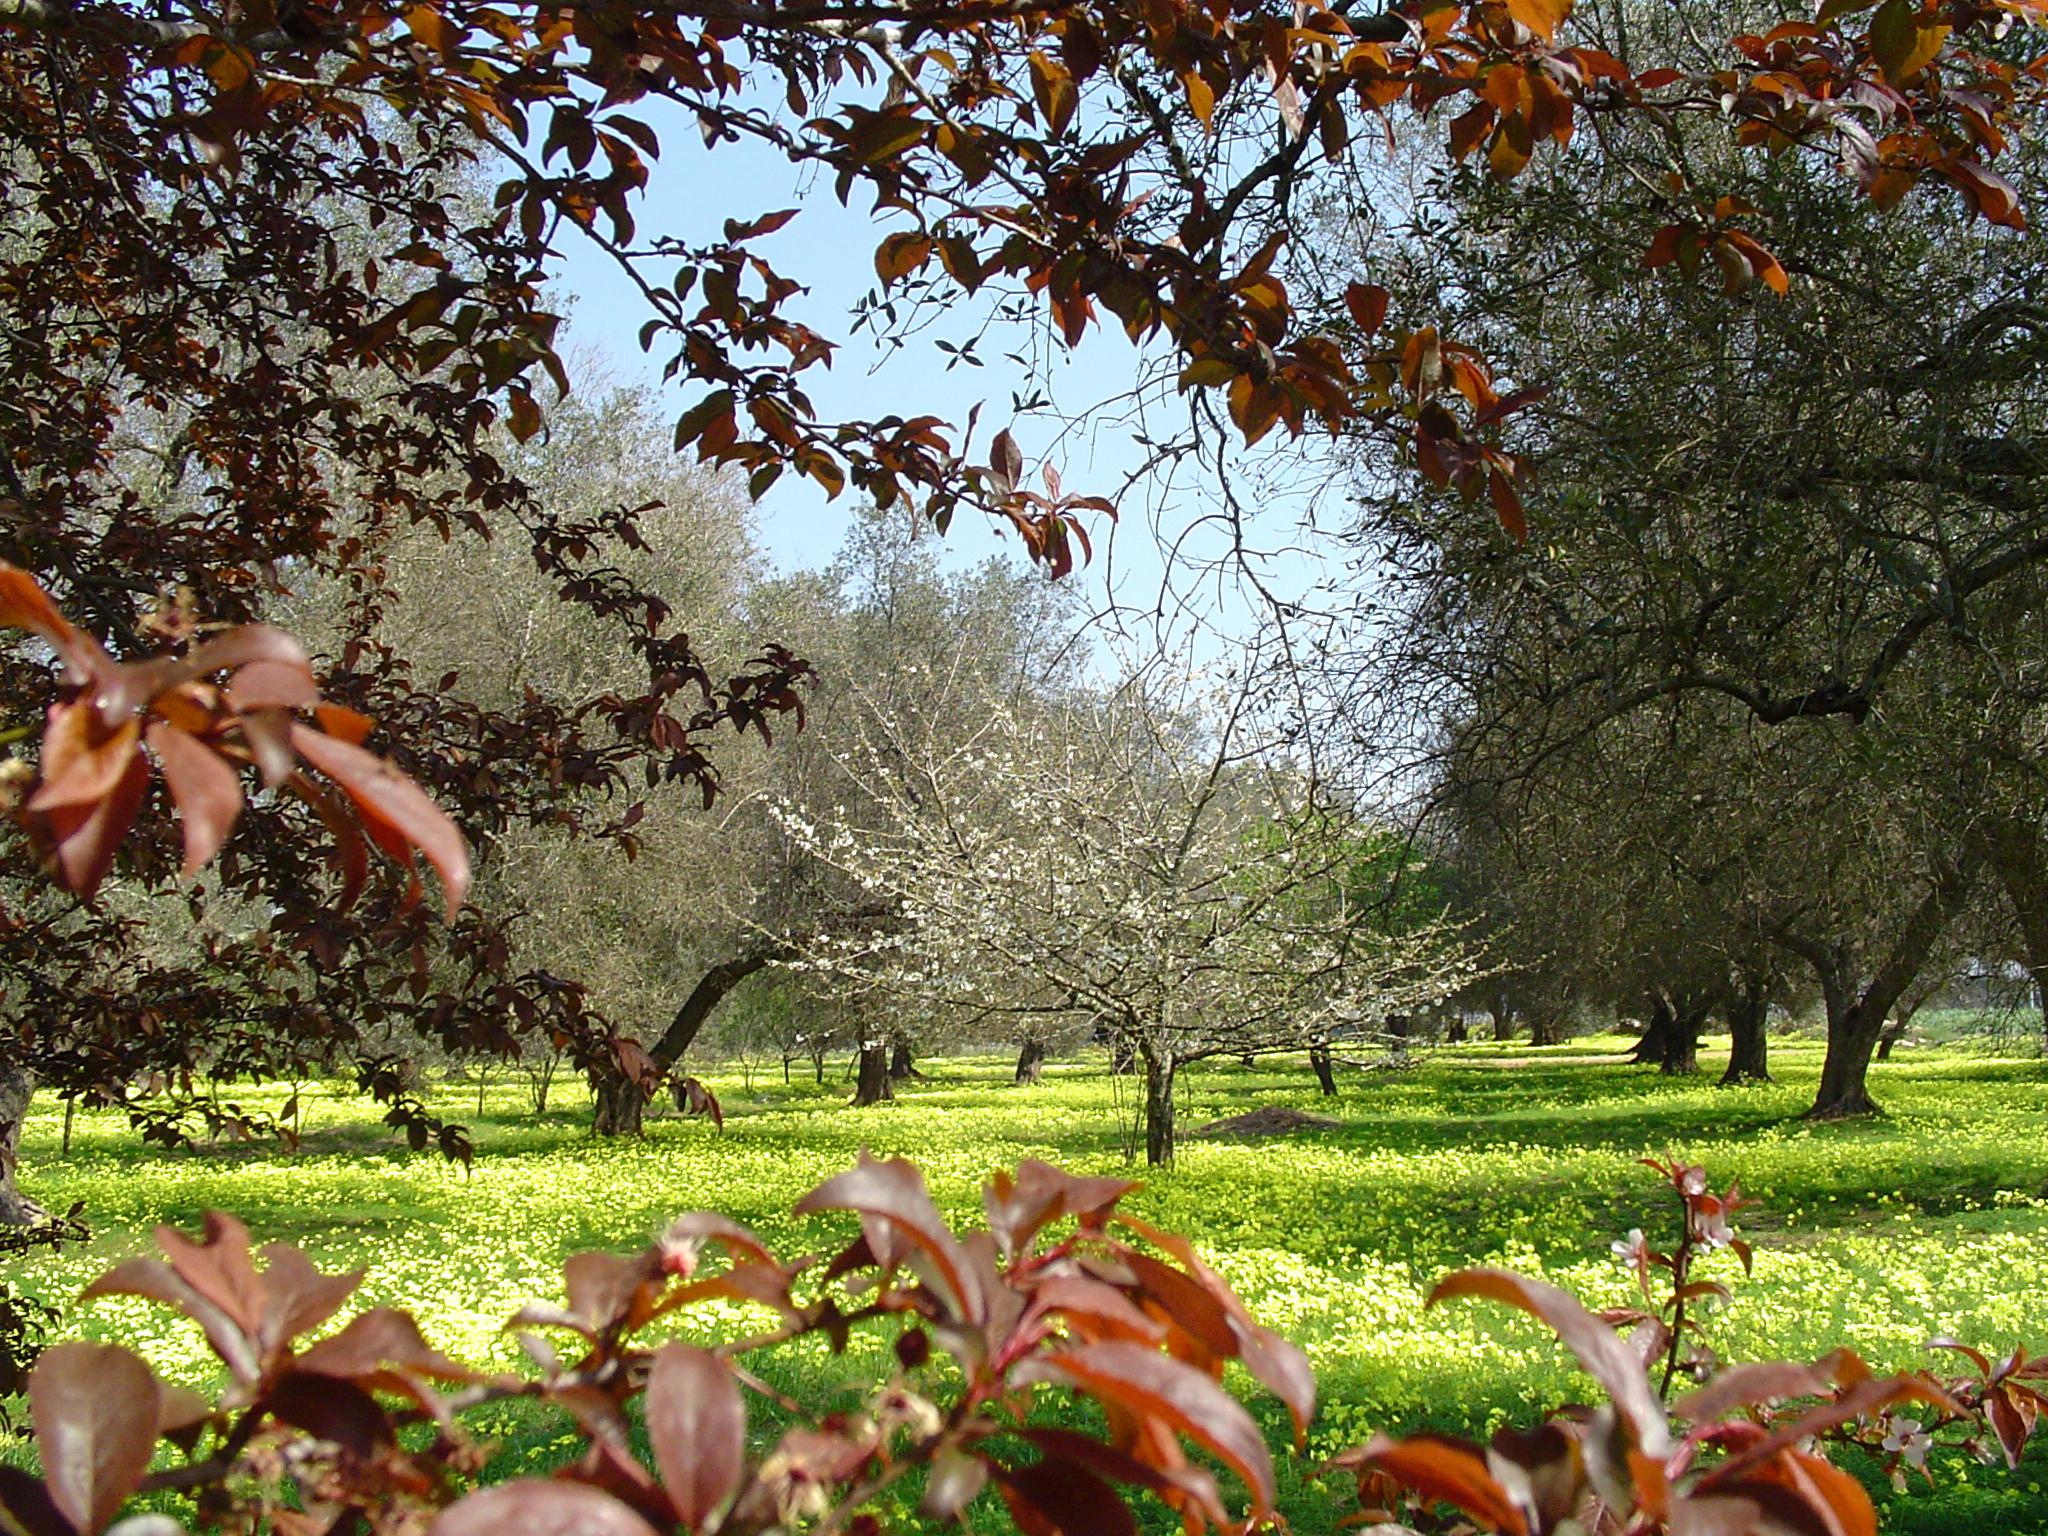 Il giardino dei ciliegi filomena sansevero opera celeste network - Il giardino dei ciliegi ...